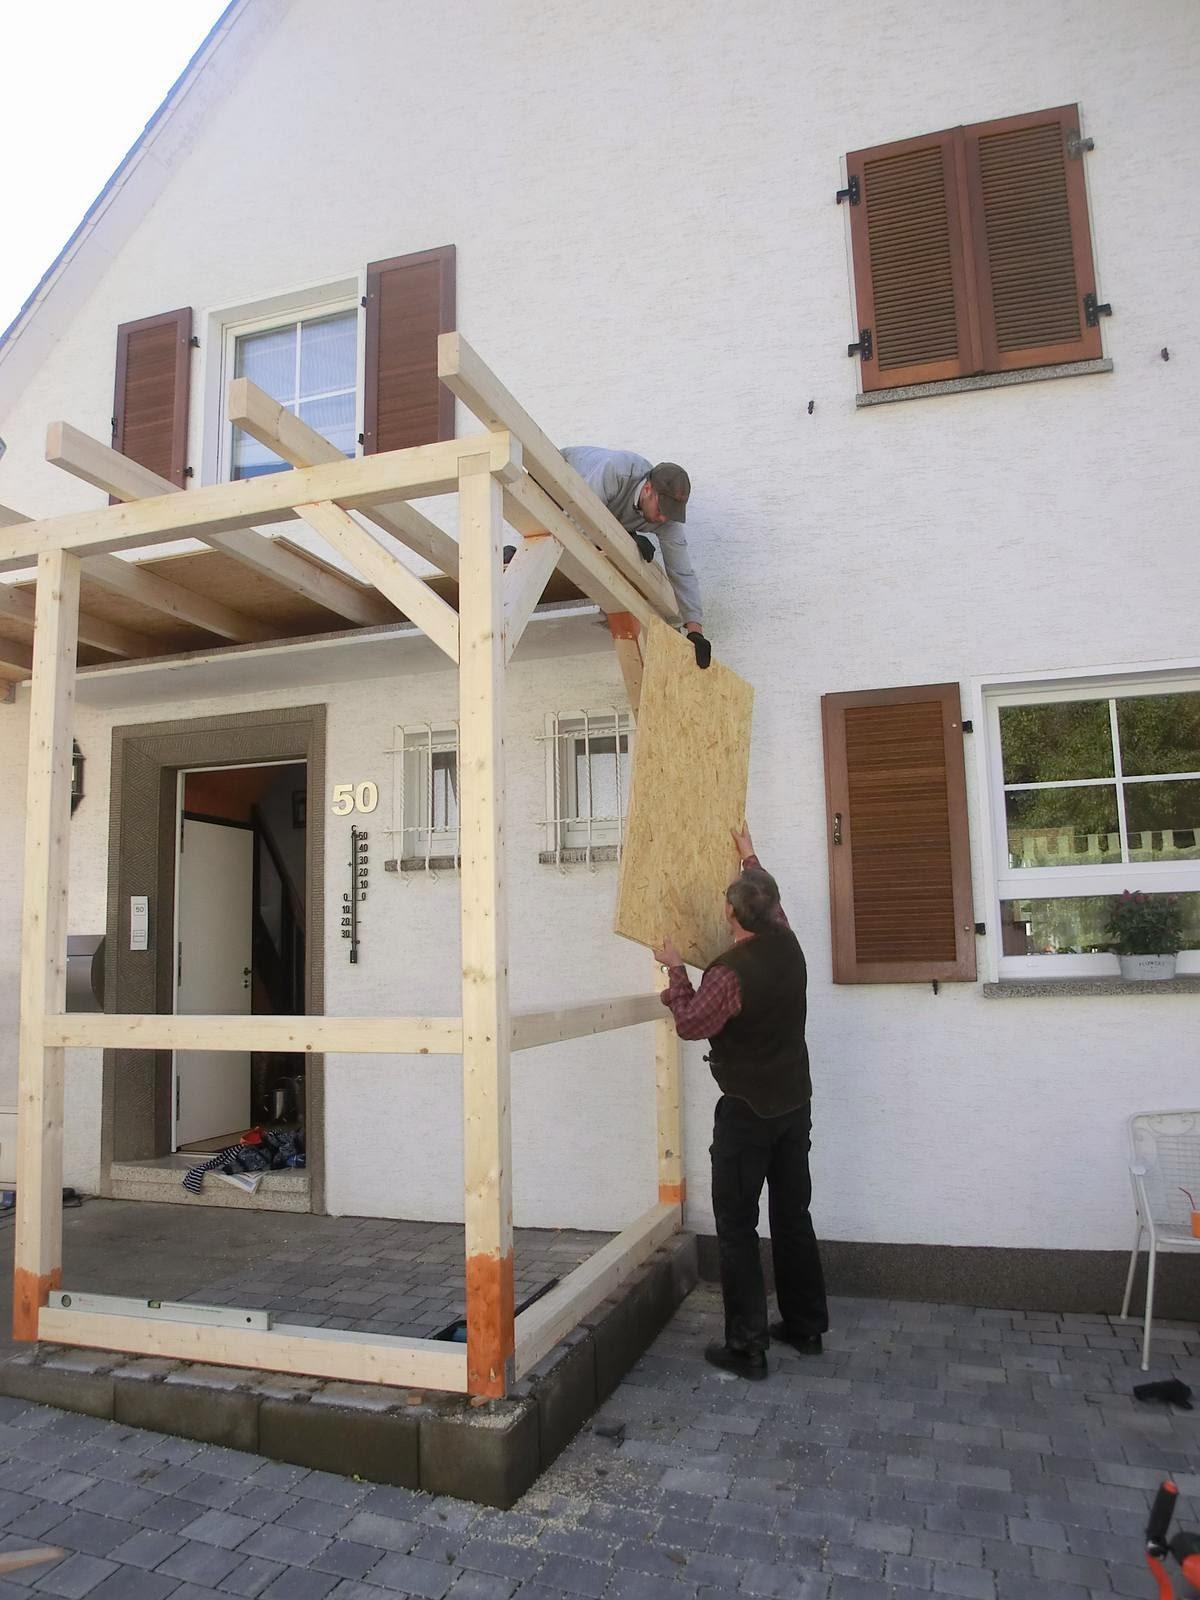 michas holzblog gastbeitrag vordach von frank peter christ. Black Bedroom Furniture Sets. Home Design Ideas